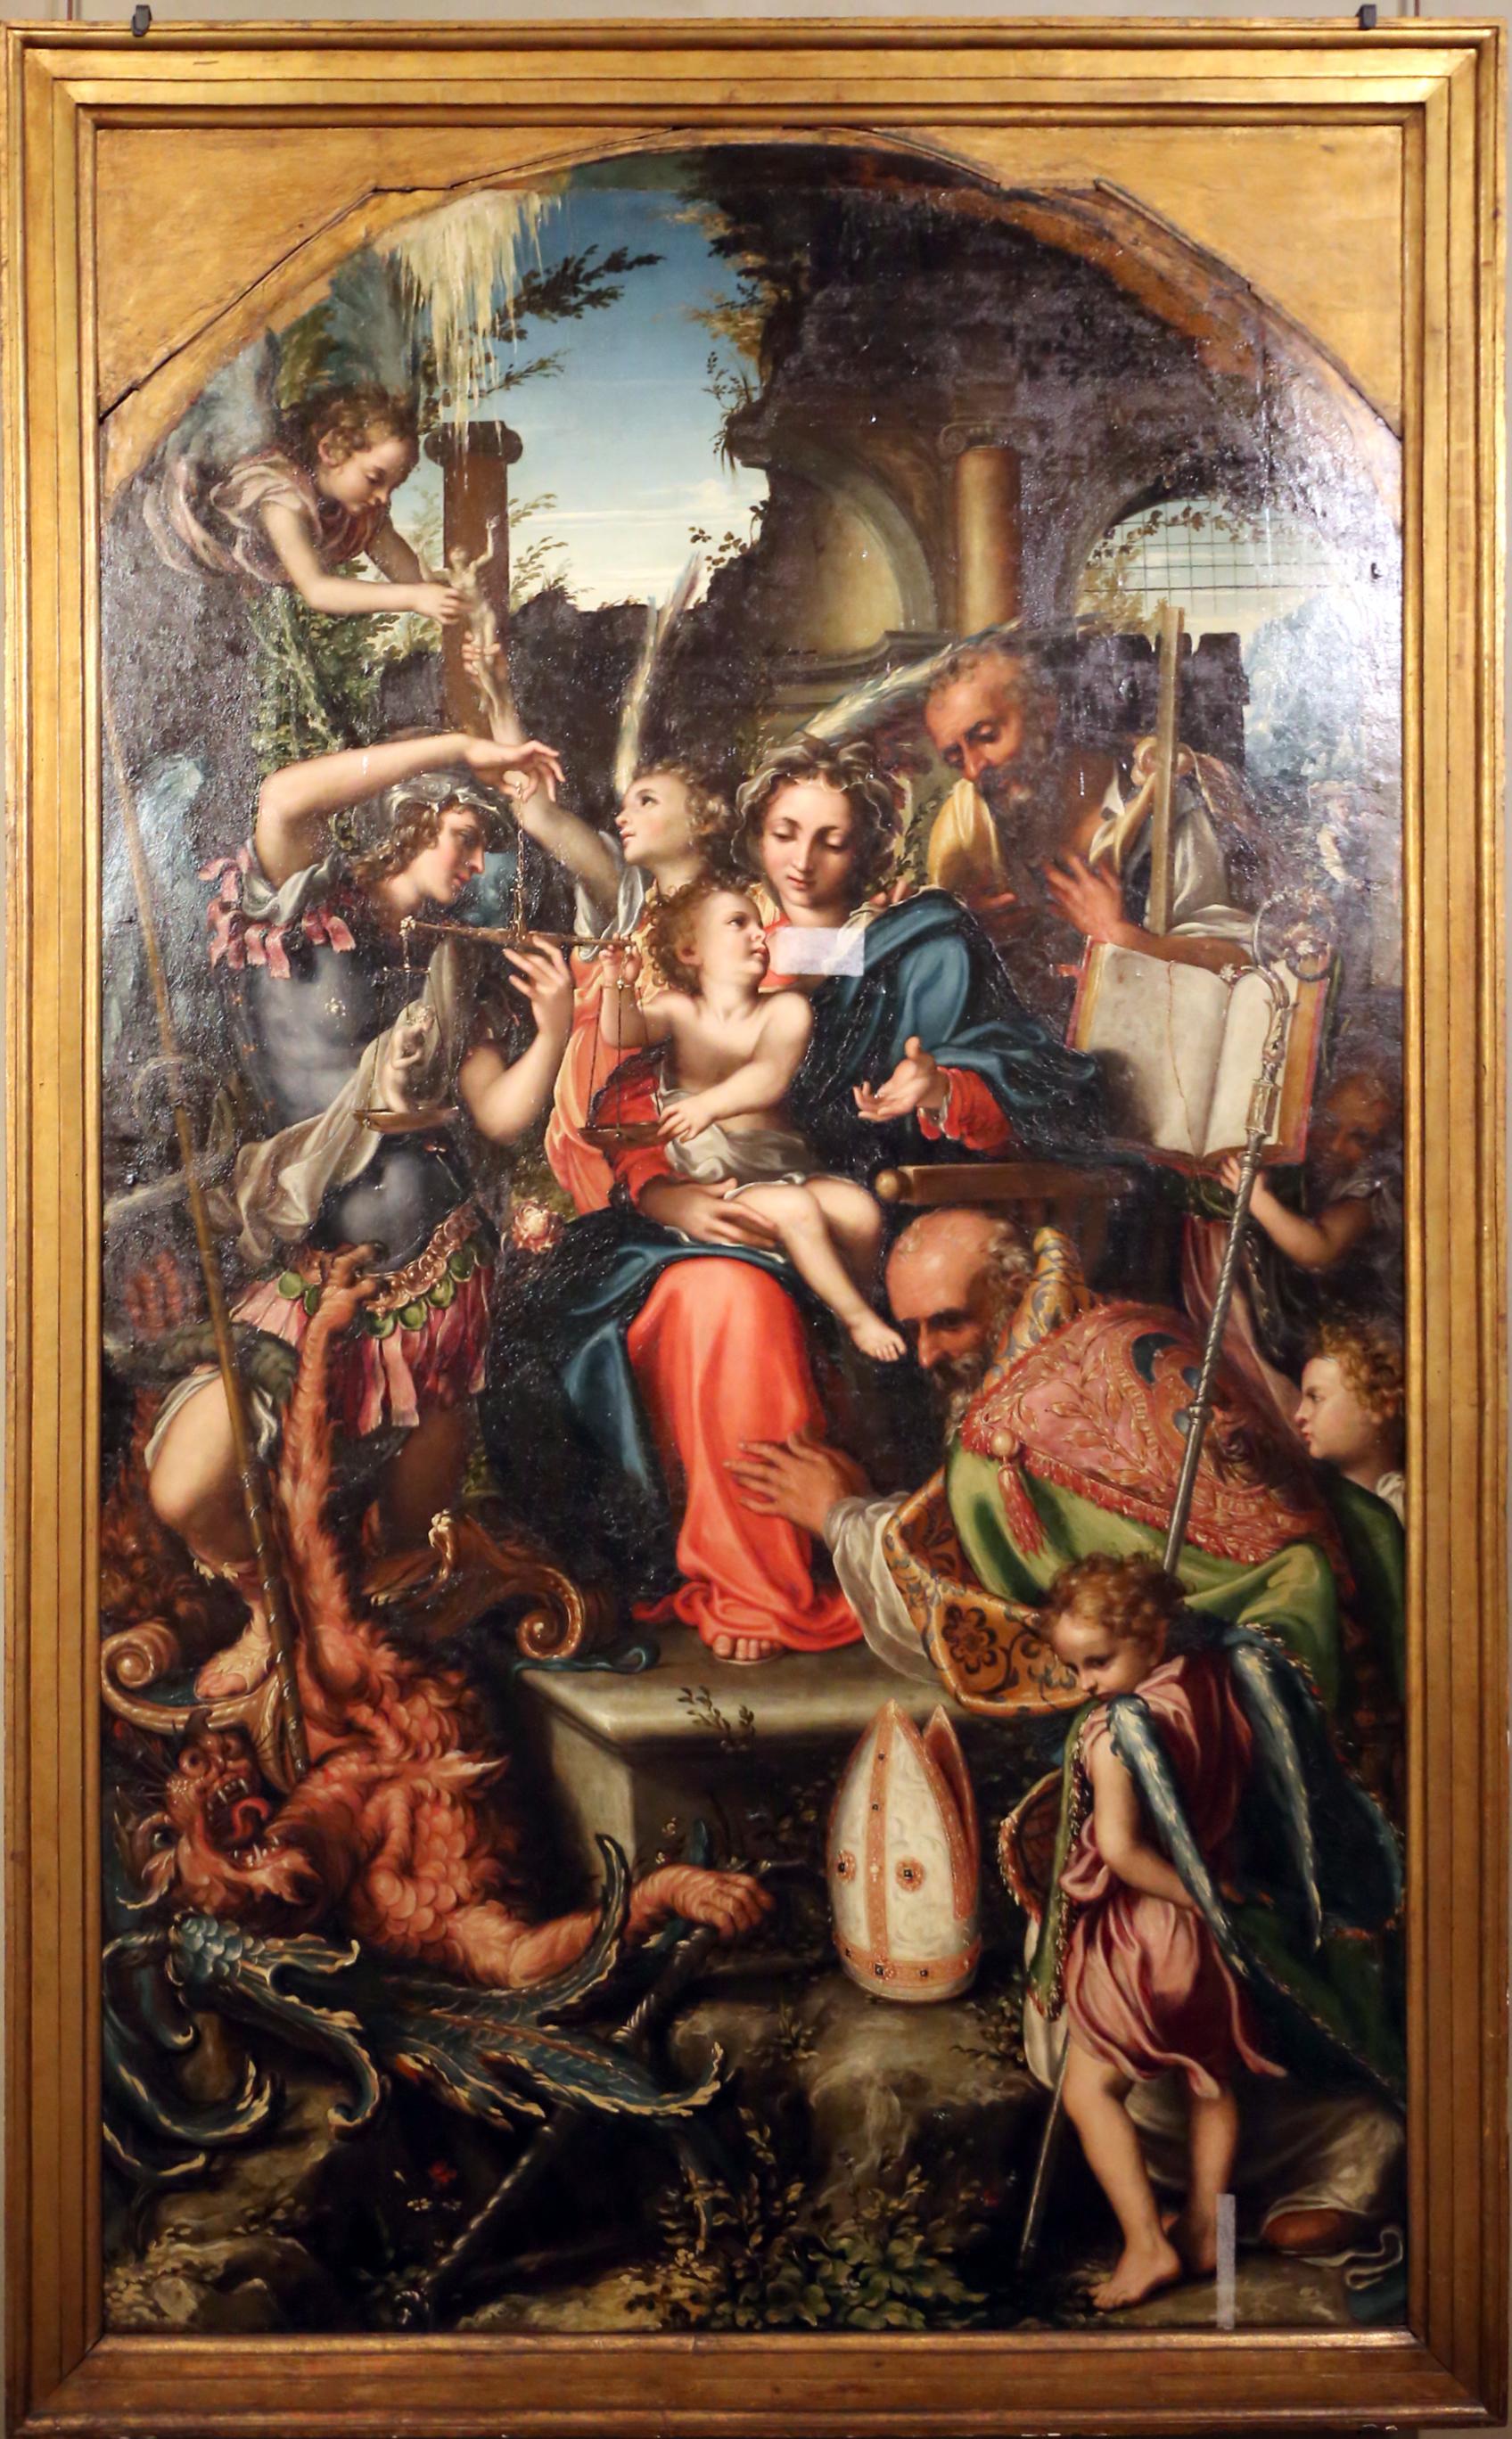 File:Giorgio gandini del grano, sacra famiglia con santi e angeli, 1534-